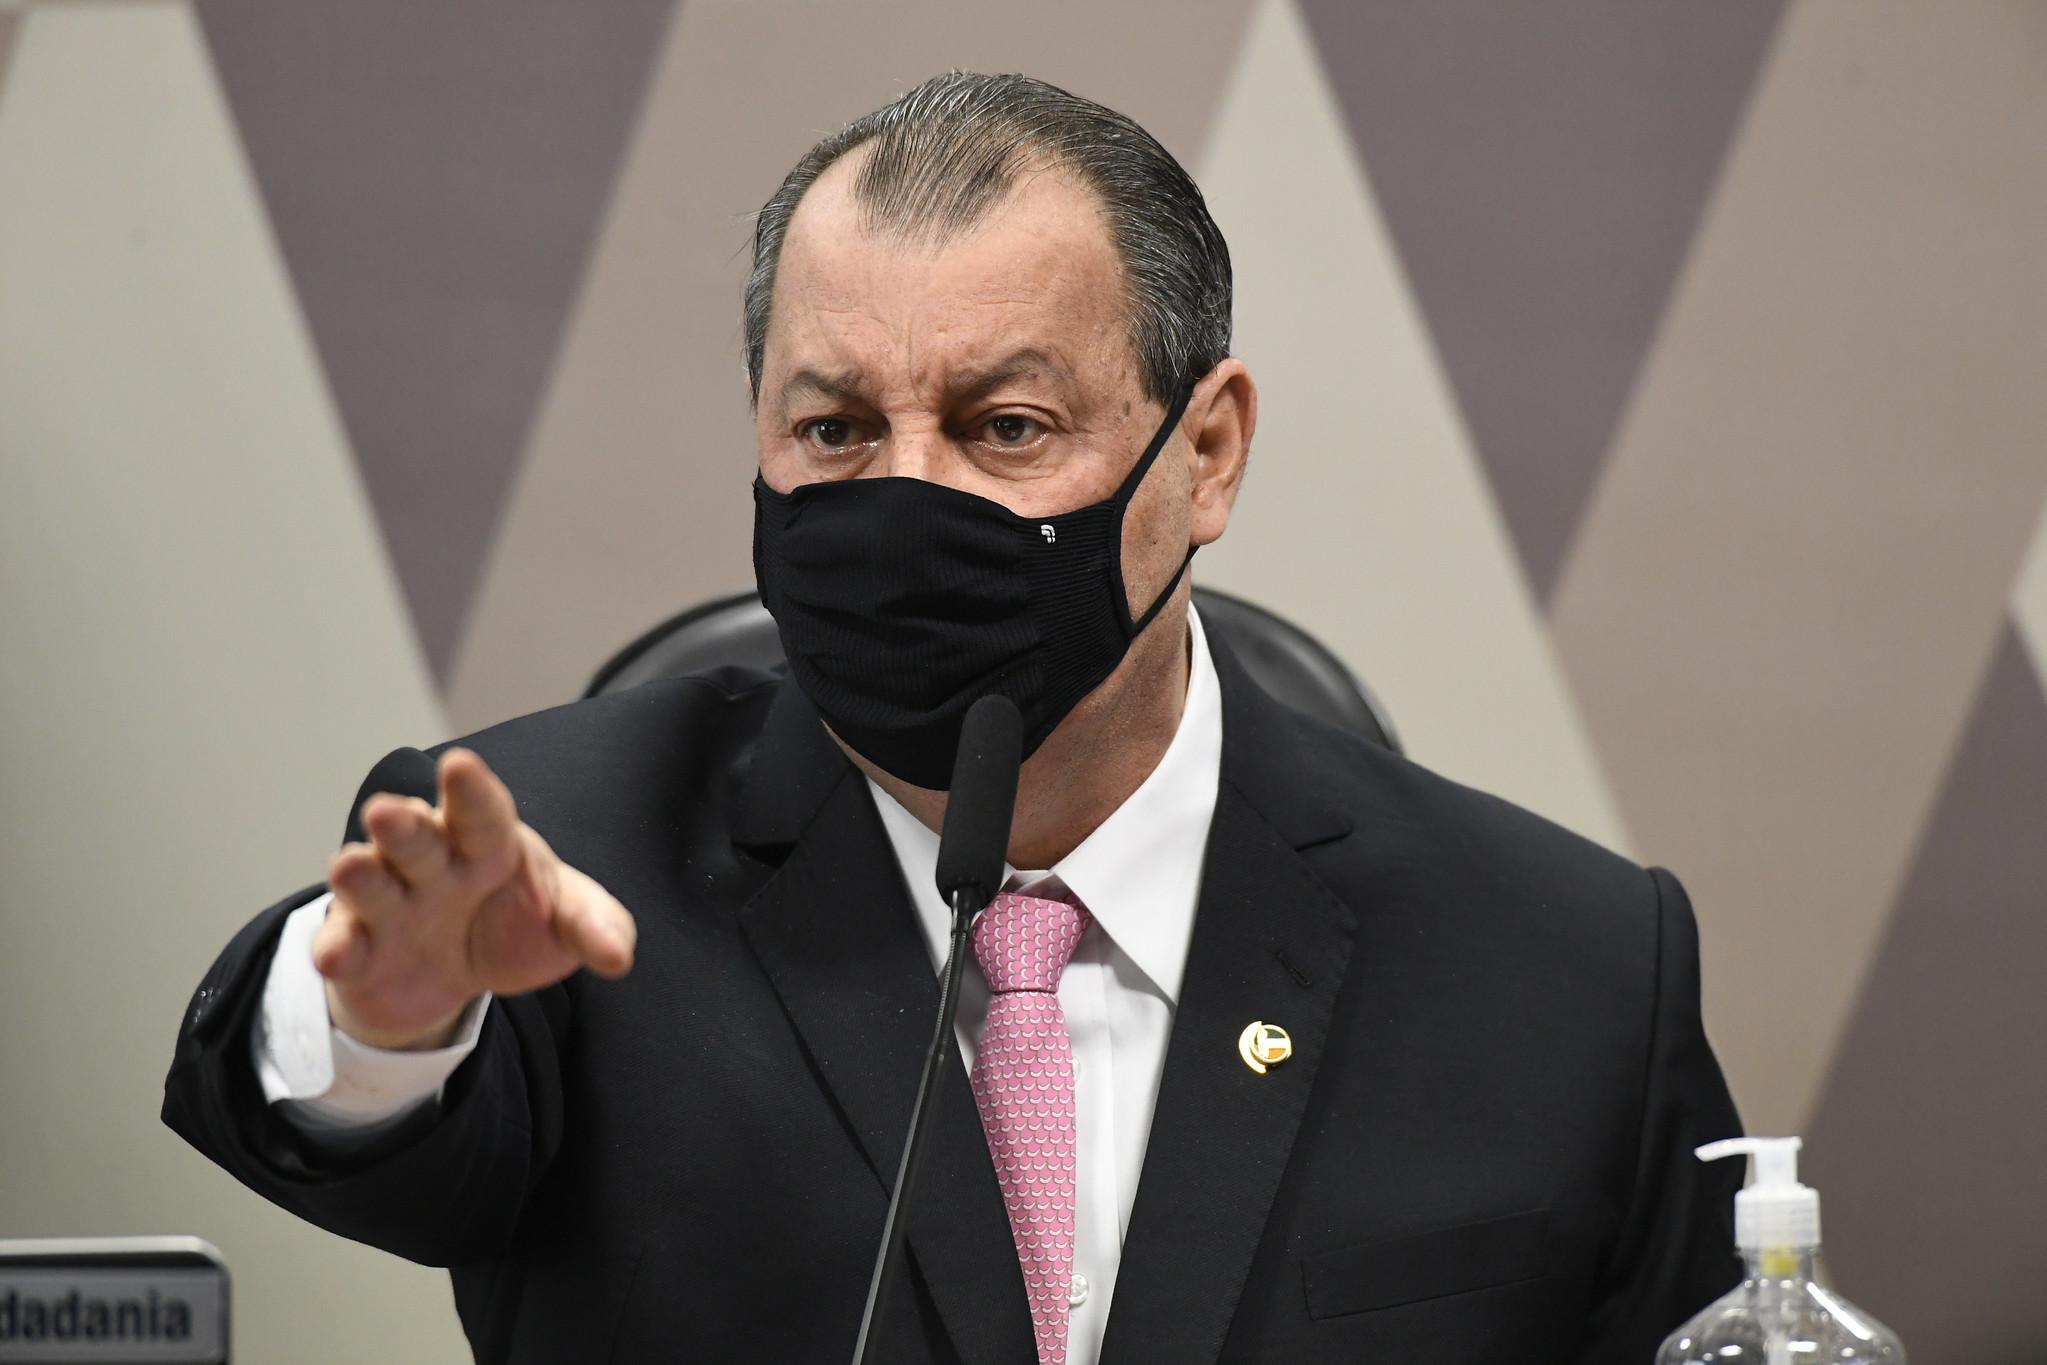 IMAGEM: 'Se Pazuello mentir de novo, sairá algemado', diz presidente da CPI